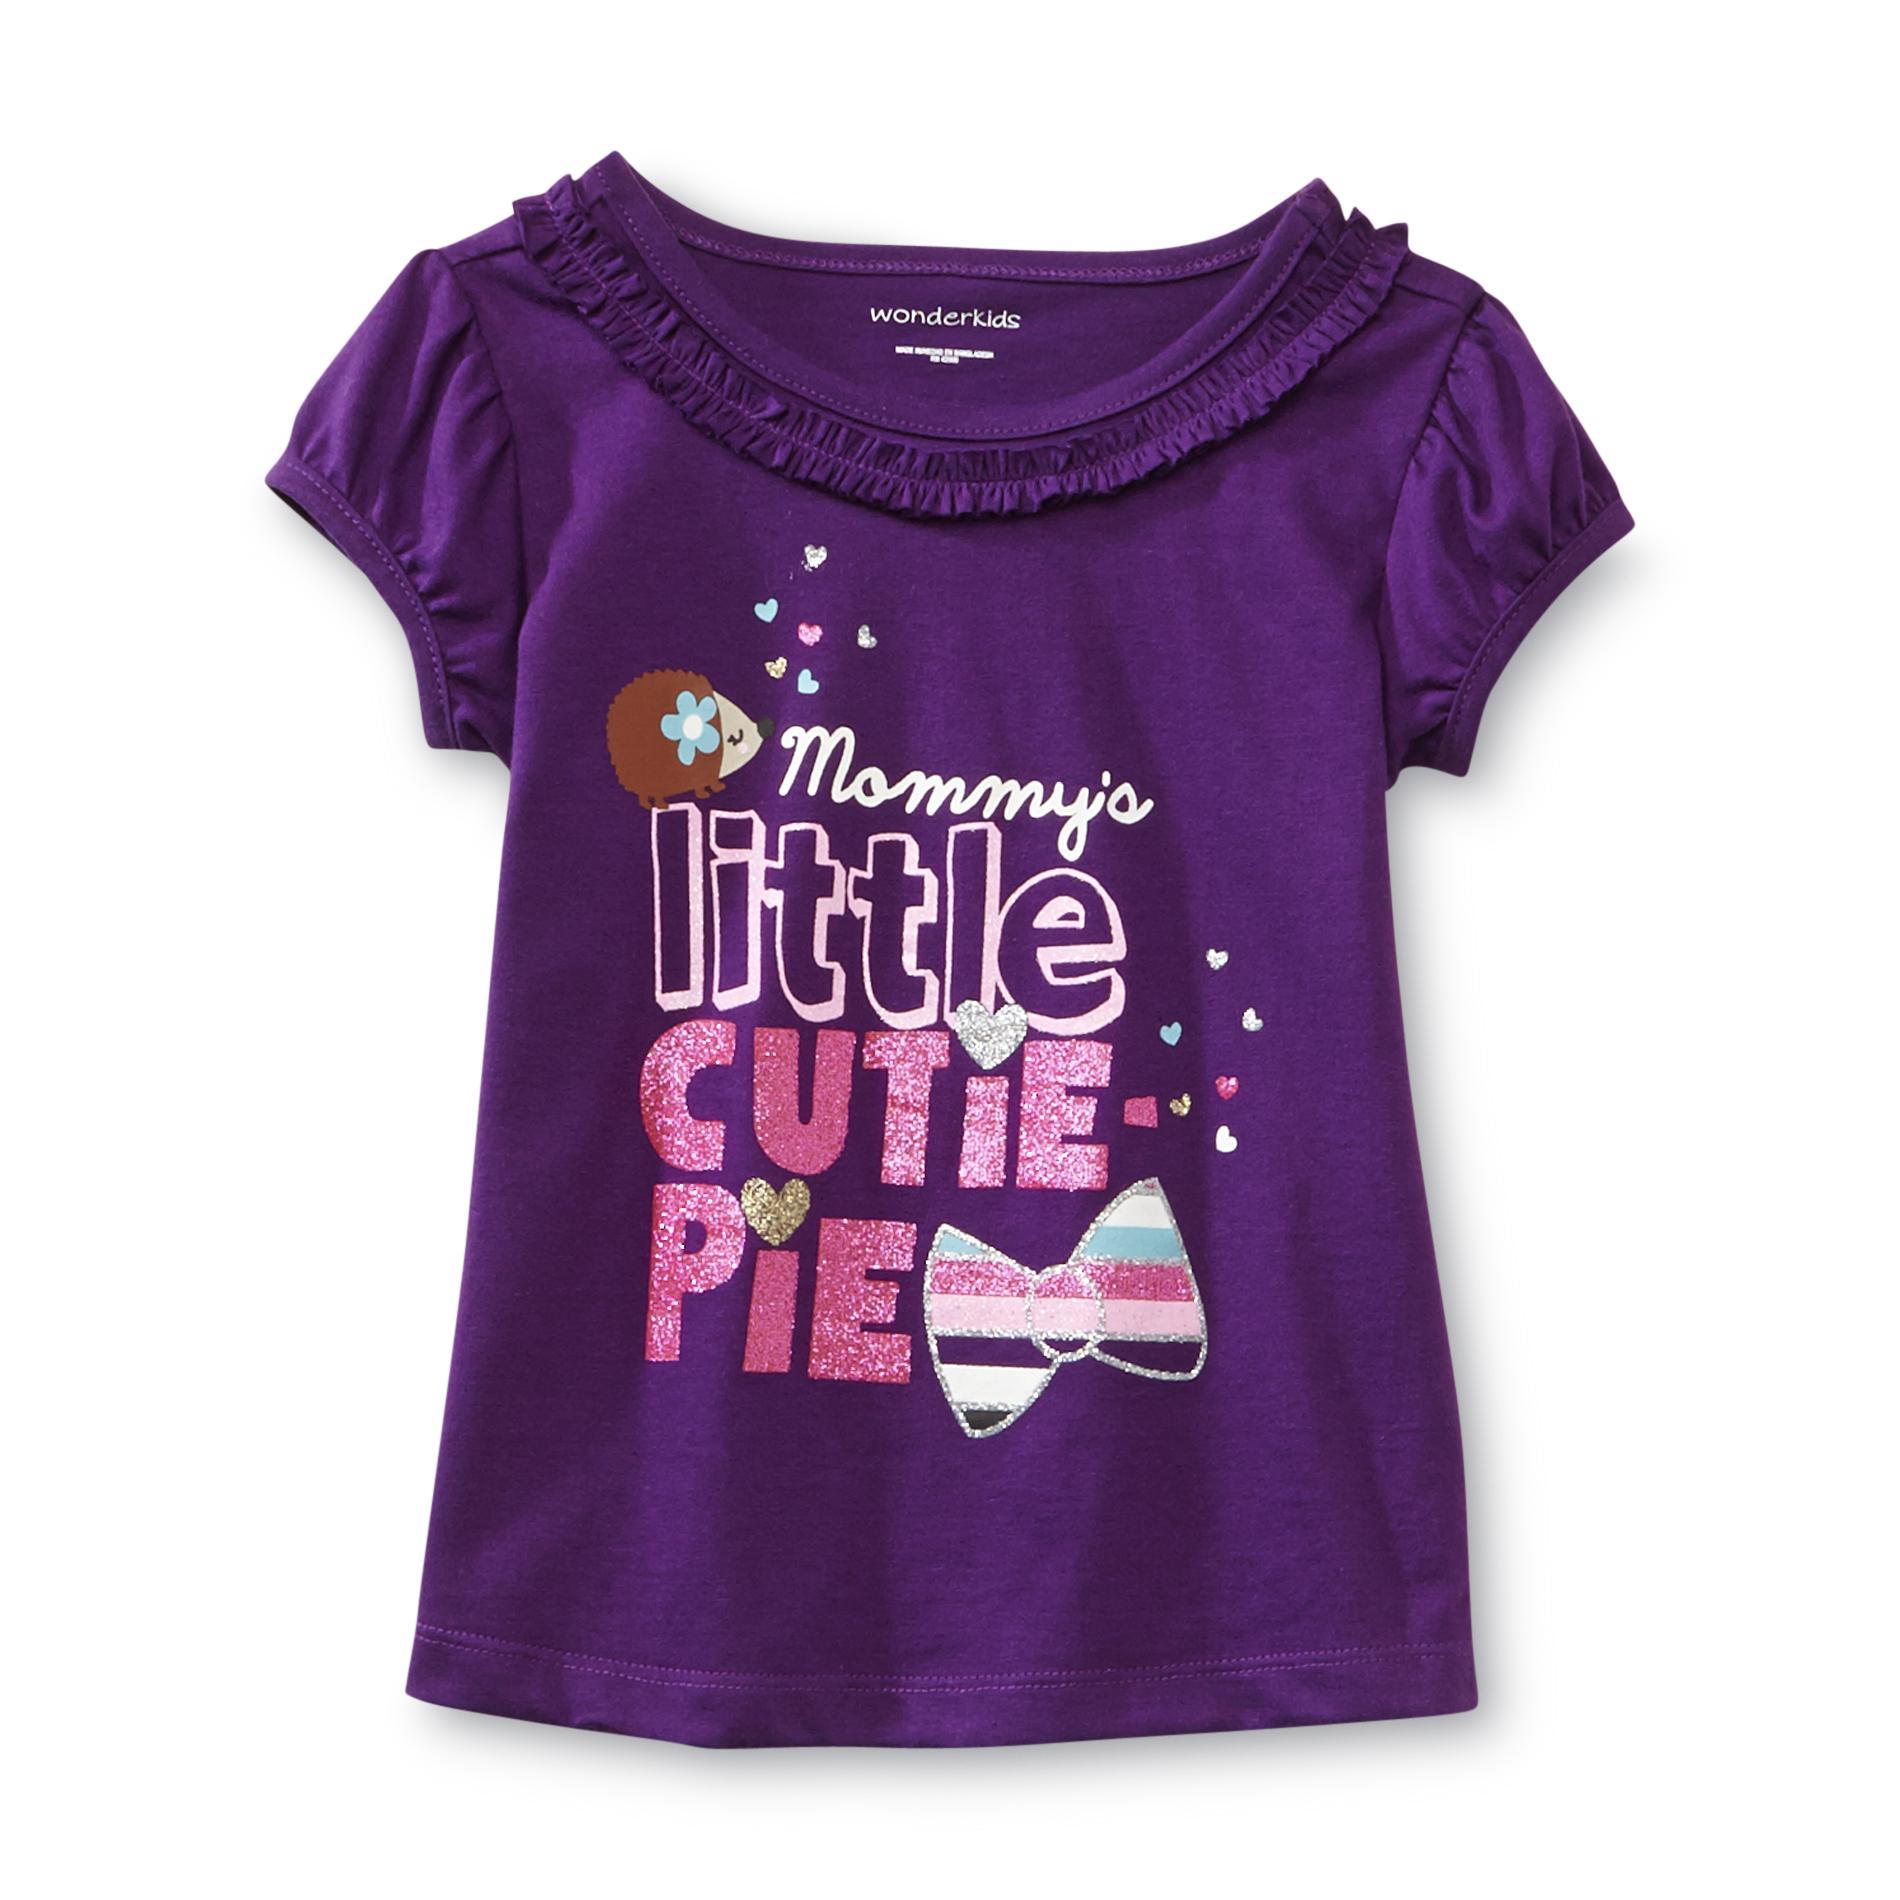 WonderKids Infant & Toddler Girl's